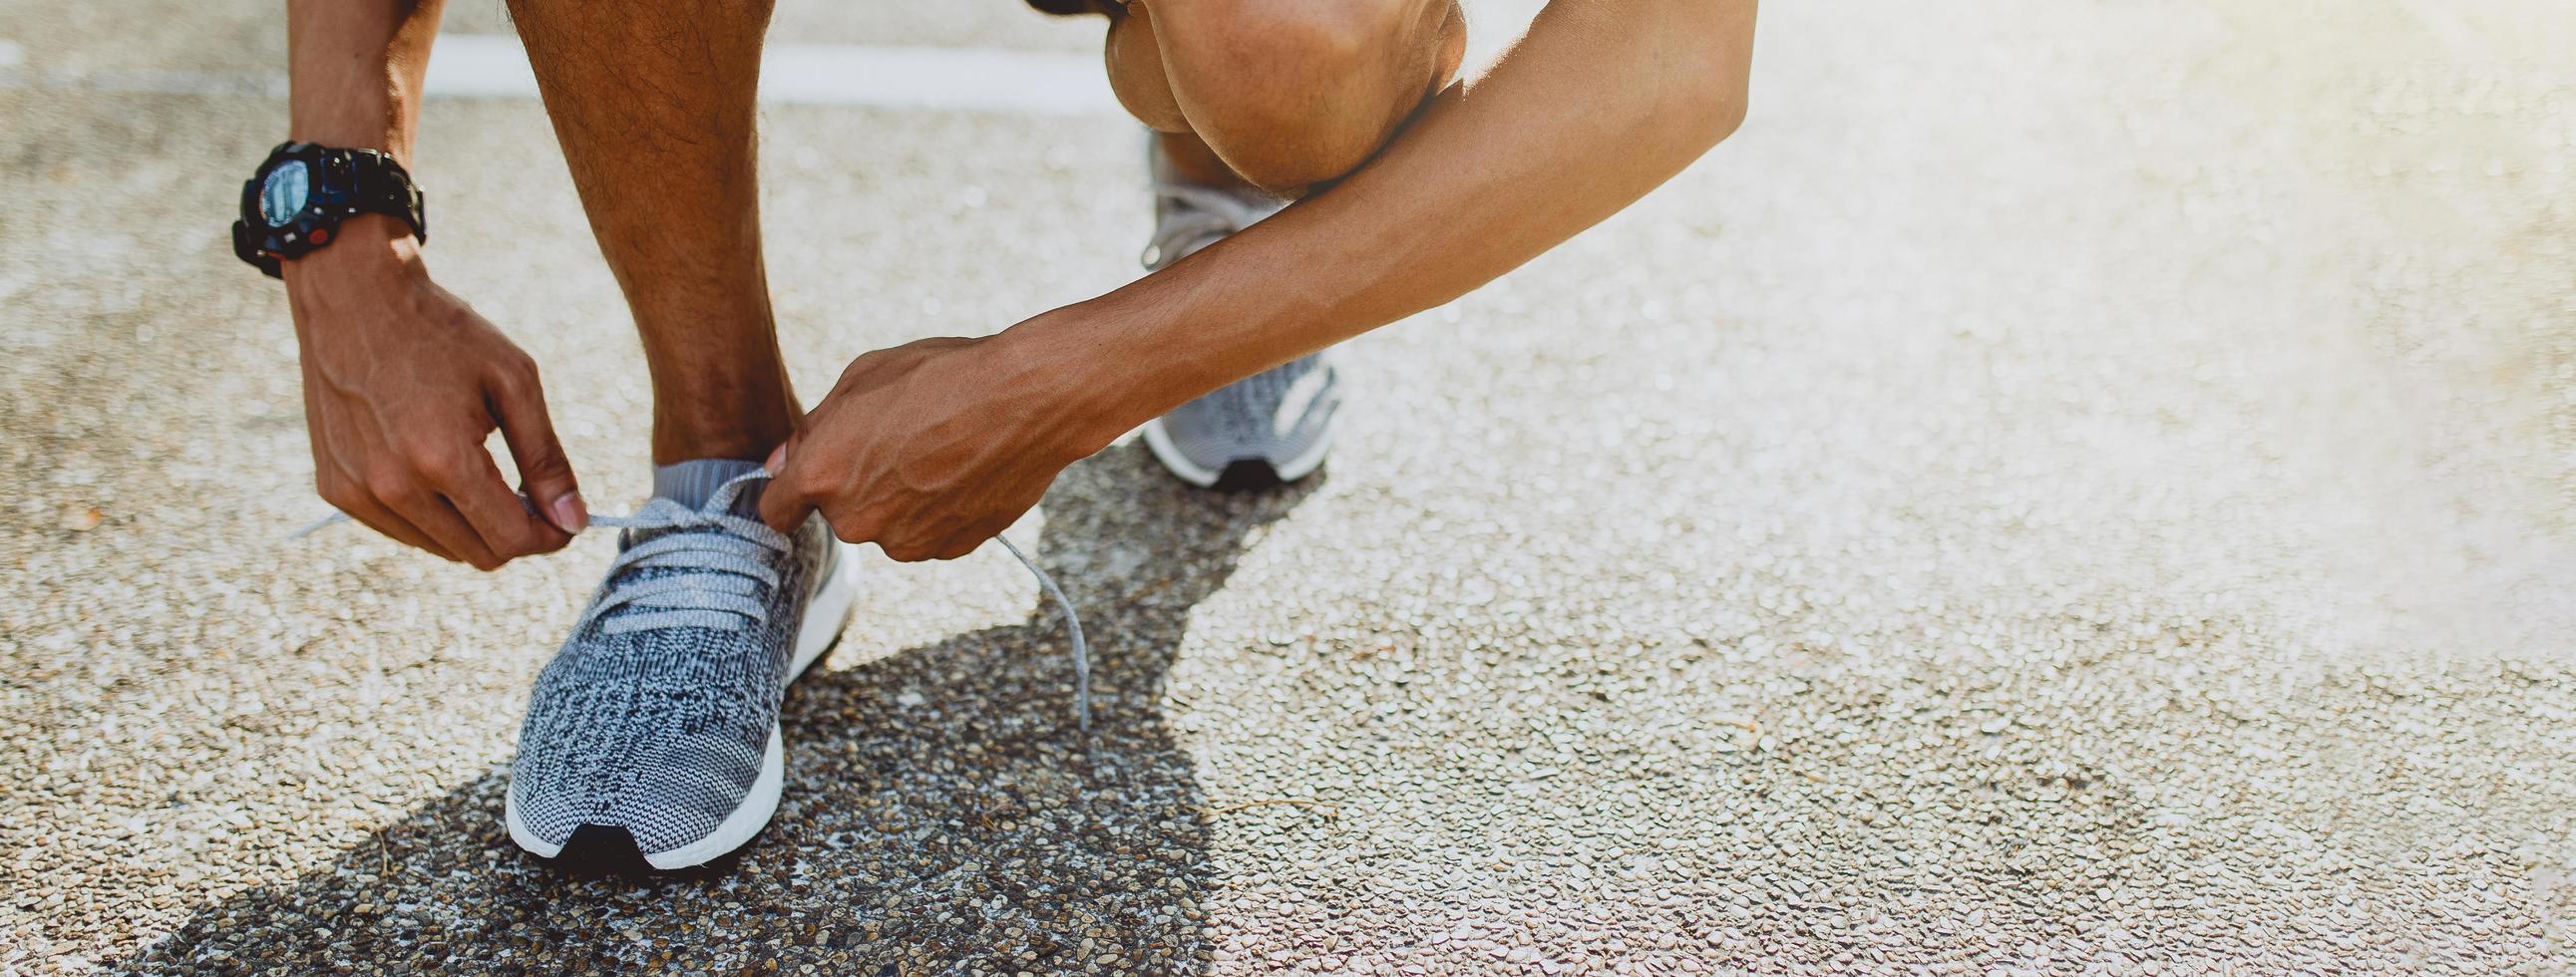 man koppelverkoop loopschoenen klaar om te rennen. gezonde levensstijl en sport. banner met kopie ruimte. foto